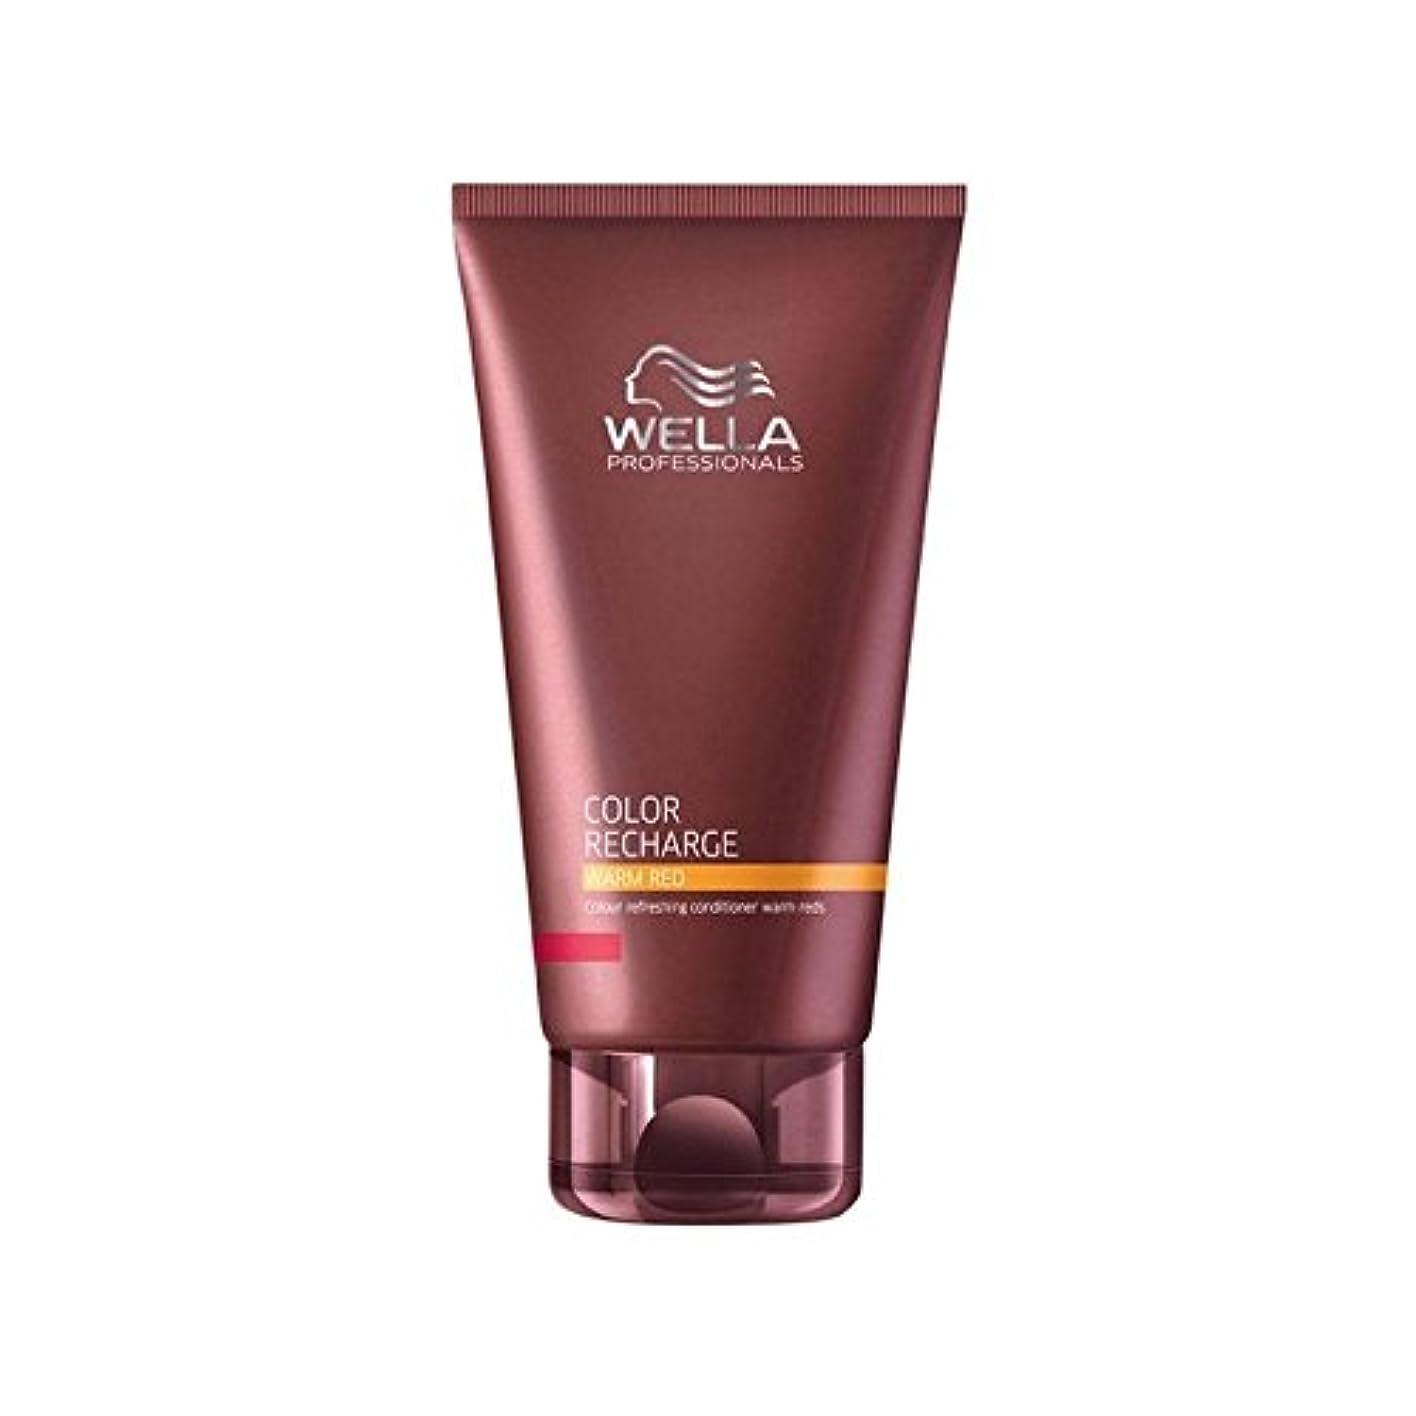 カールエゴイズム人差し指ウエラ専門家のカラー再充電コンディショナー暖かい赤(200ミリリットル) x2 - Wella Professionals Color Recharge Conditioner Warm Red (200ml) (Pack of 2) [並行輸入品]